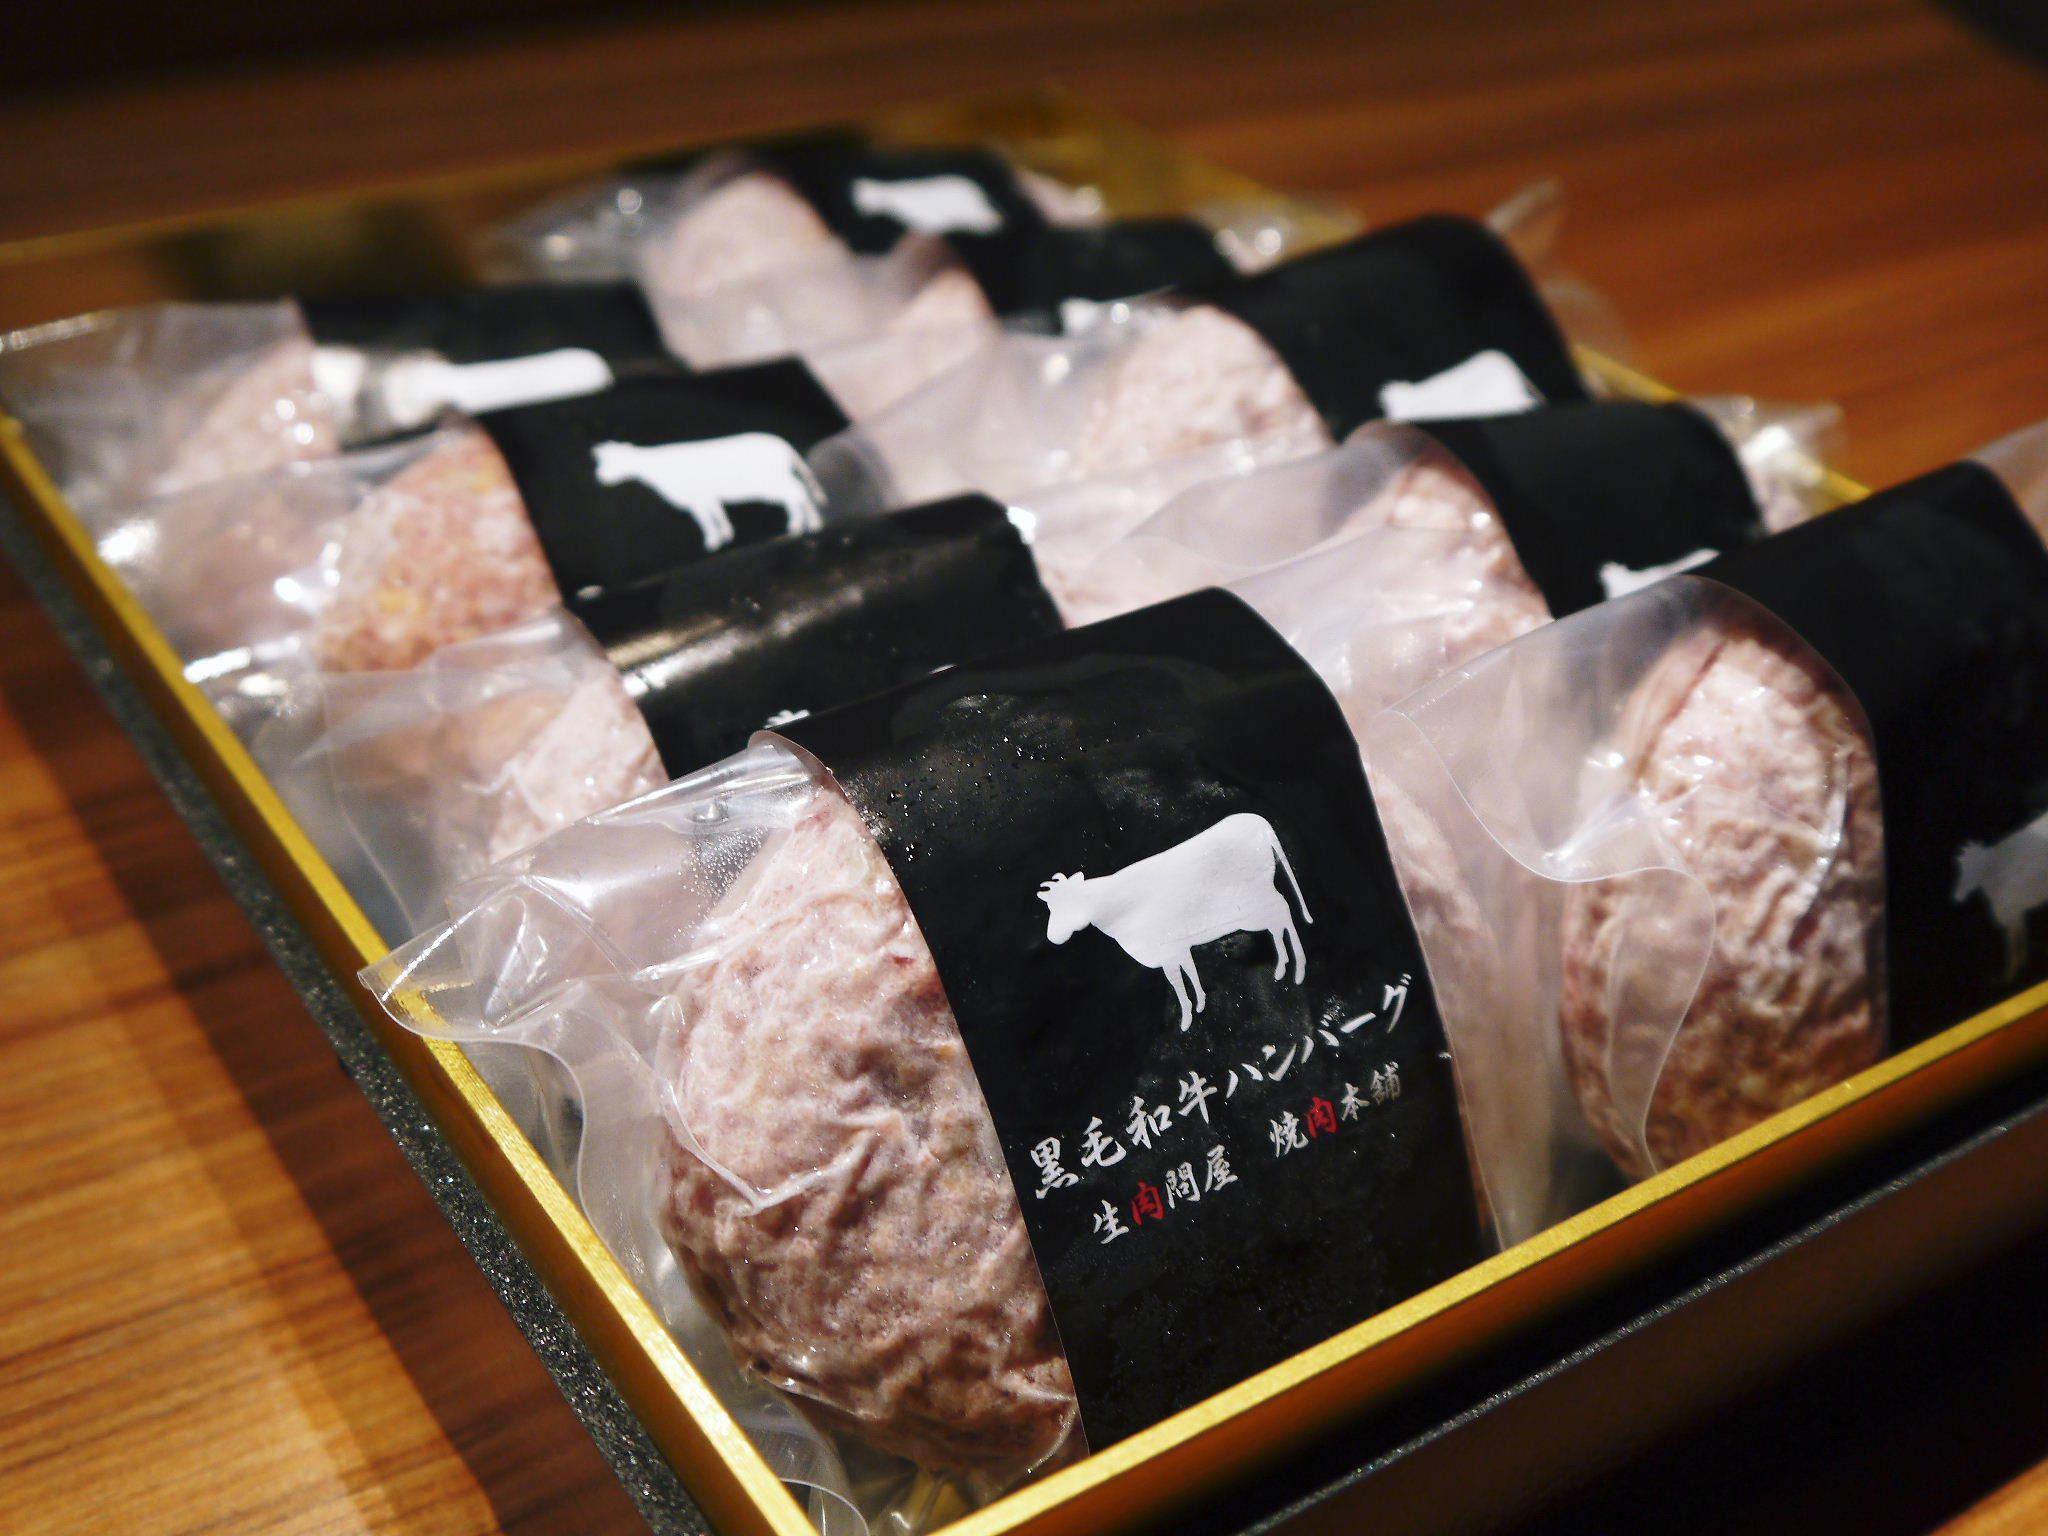 熊本県産の黒毛和牛100%のハンバーグステーキ!令和3年1月度の出荷をしました!2月度分予約受付中!_a0254656_17420674.jpg